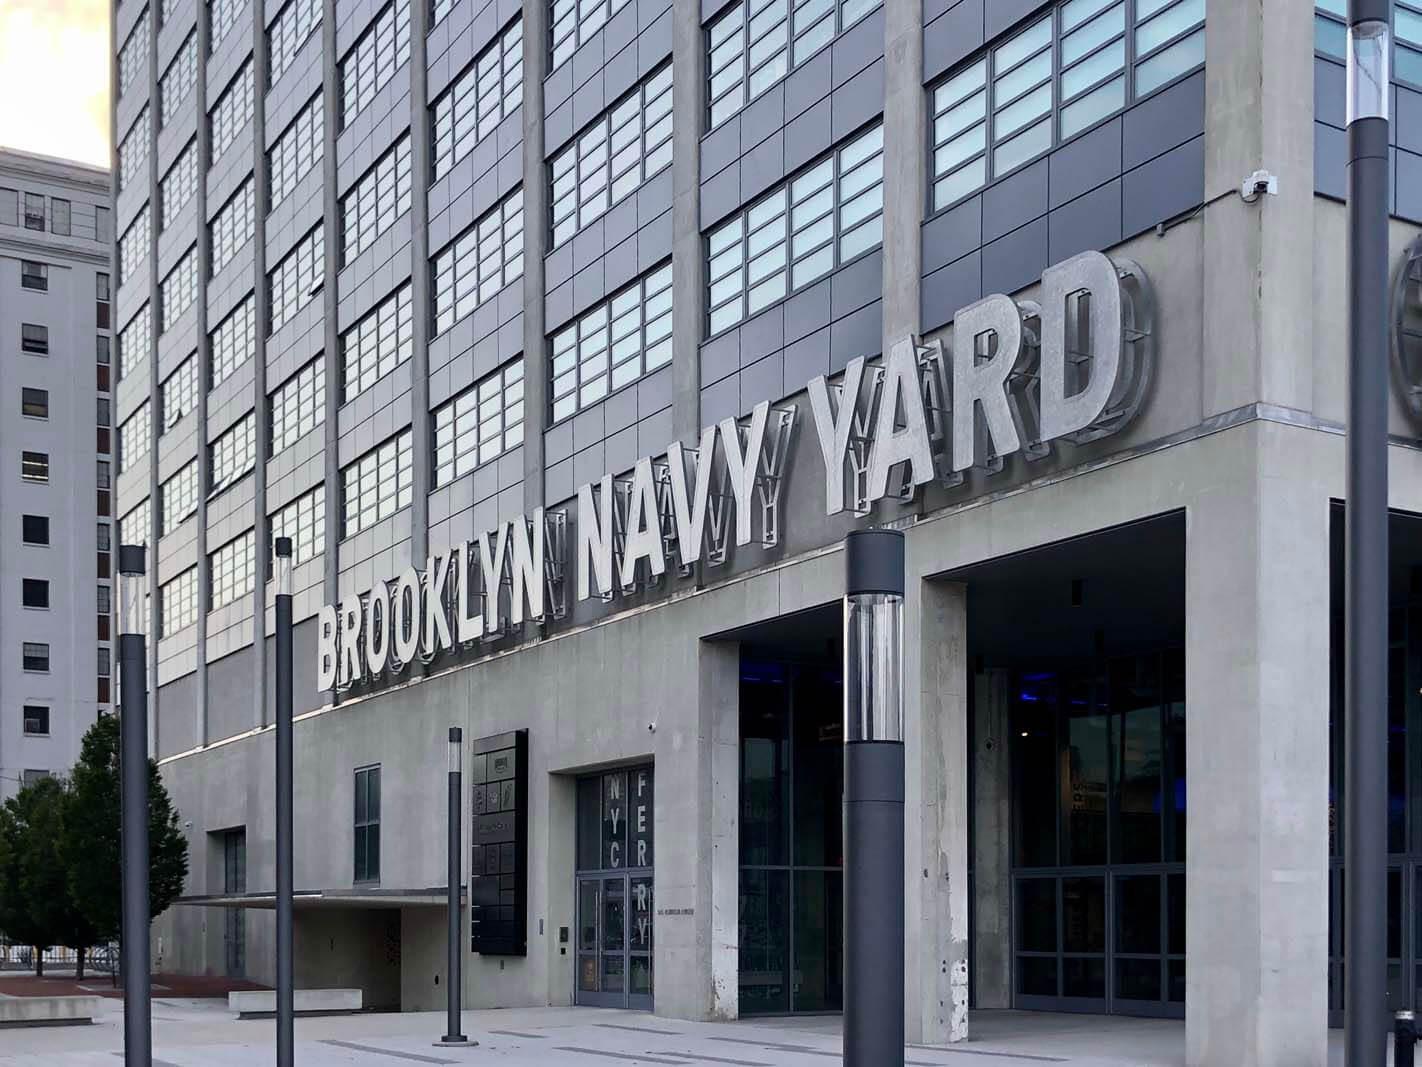 Brooklyn Navy Yard in Brooklyn